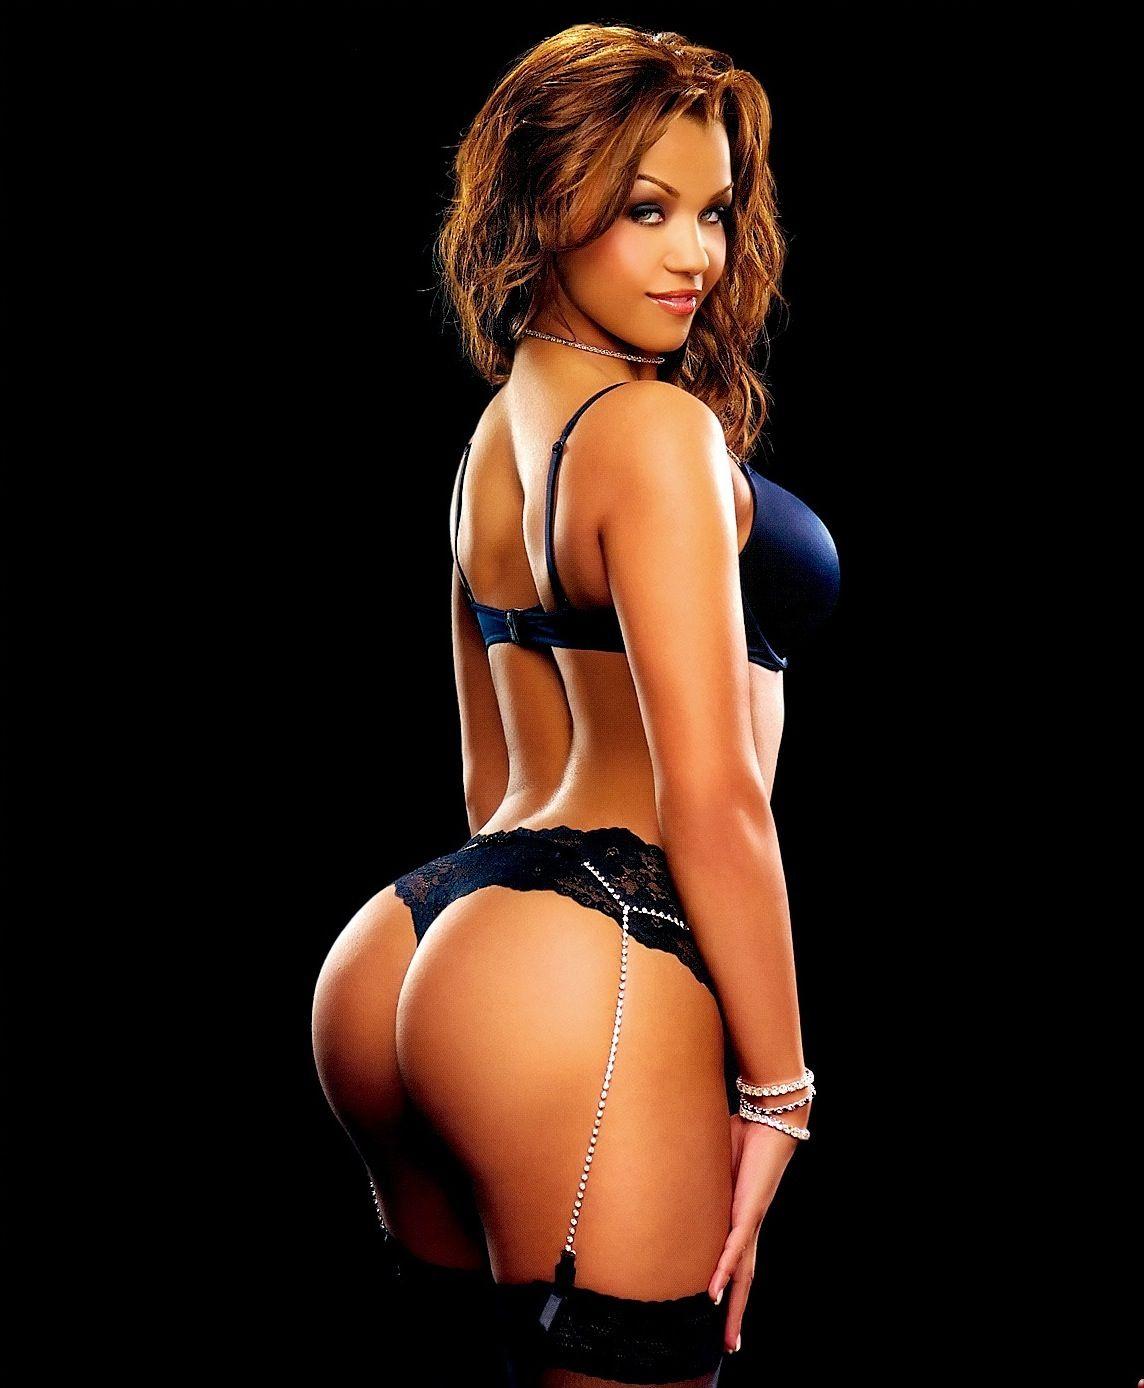 Rihanna hot sexy naked